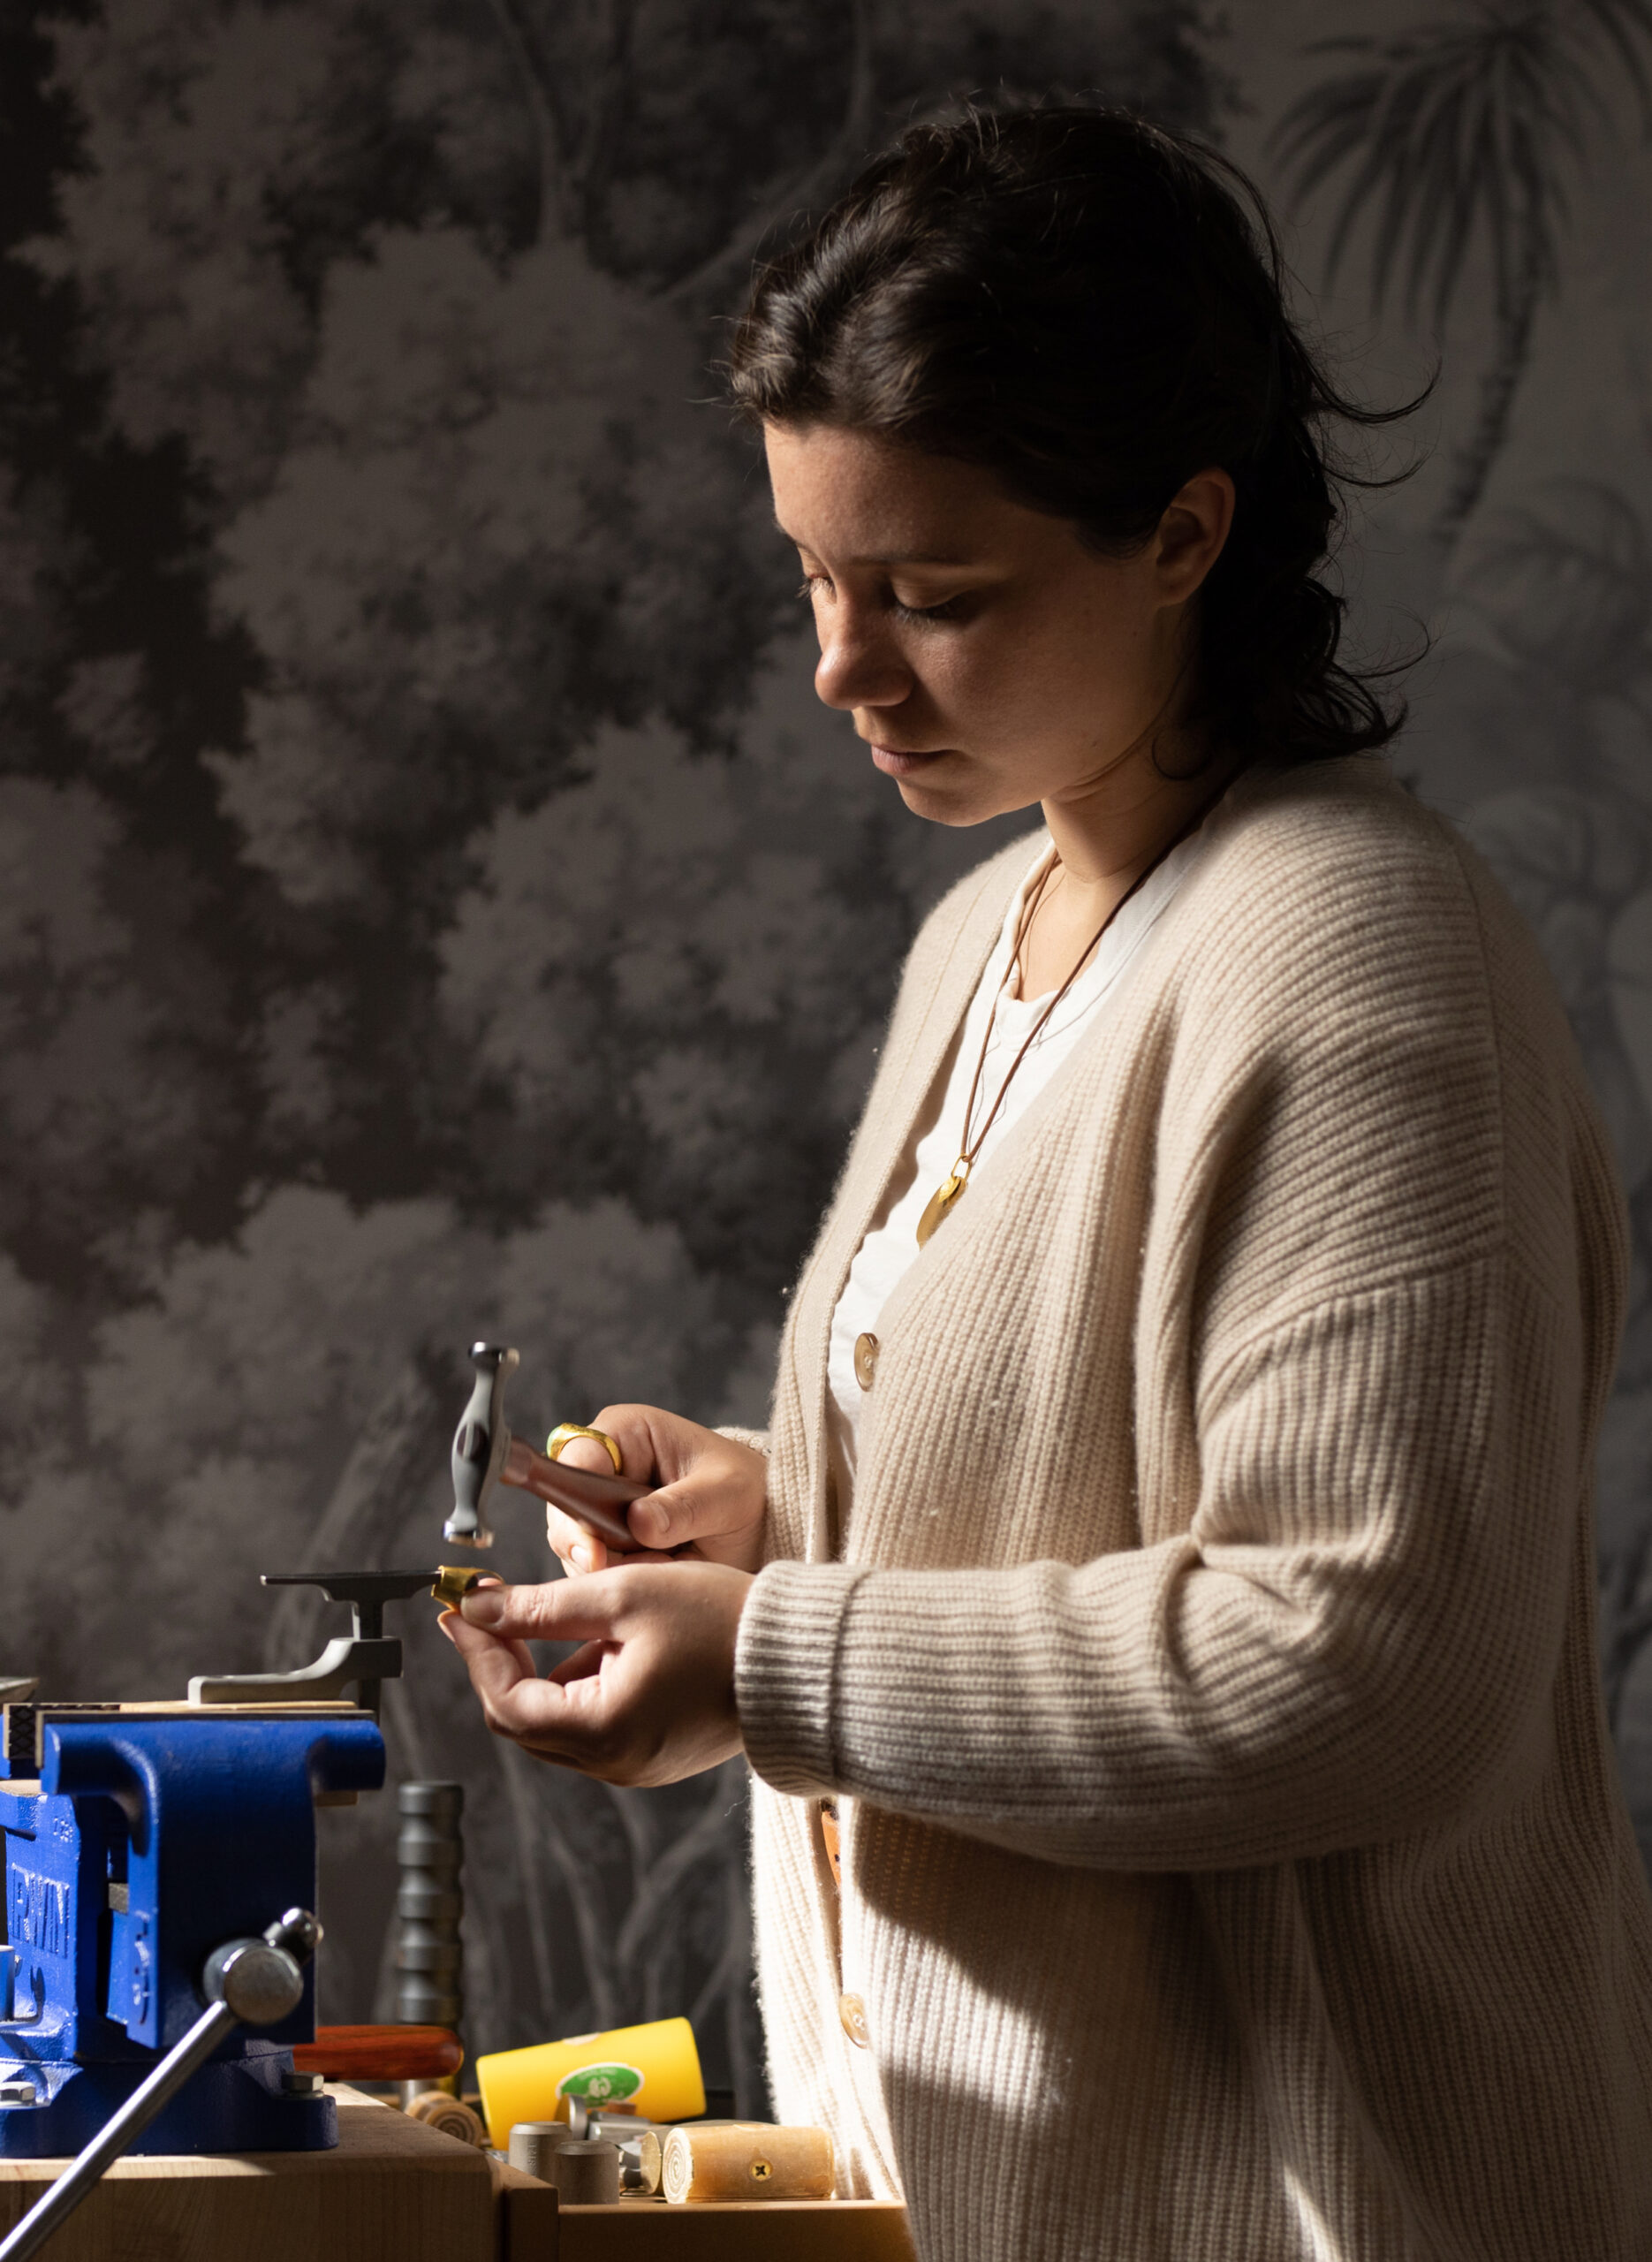 Loren Nicole at Work Bench creating handmade jewellery